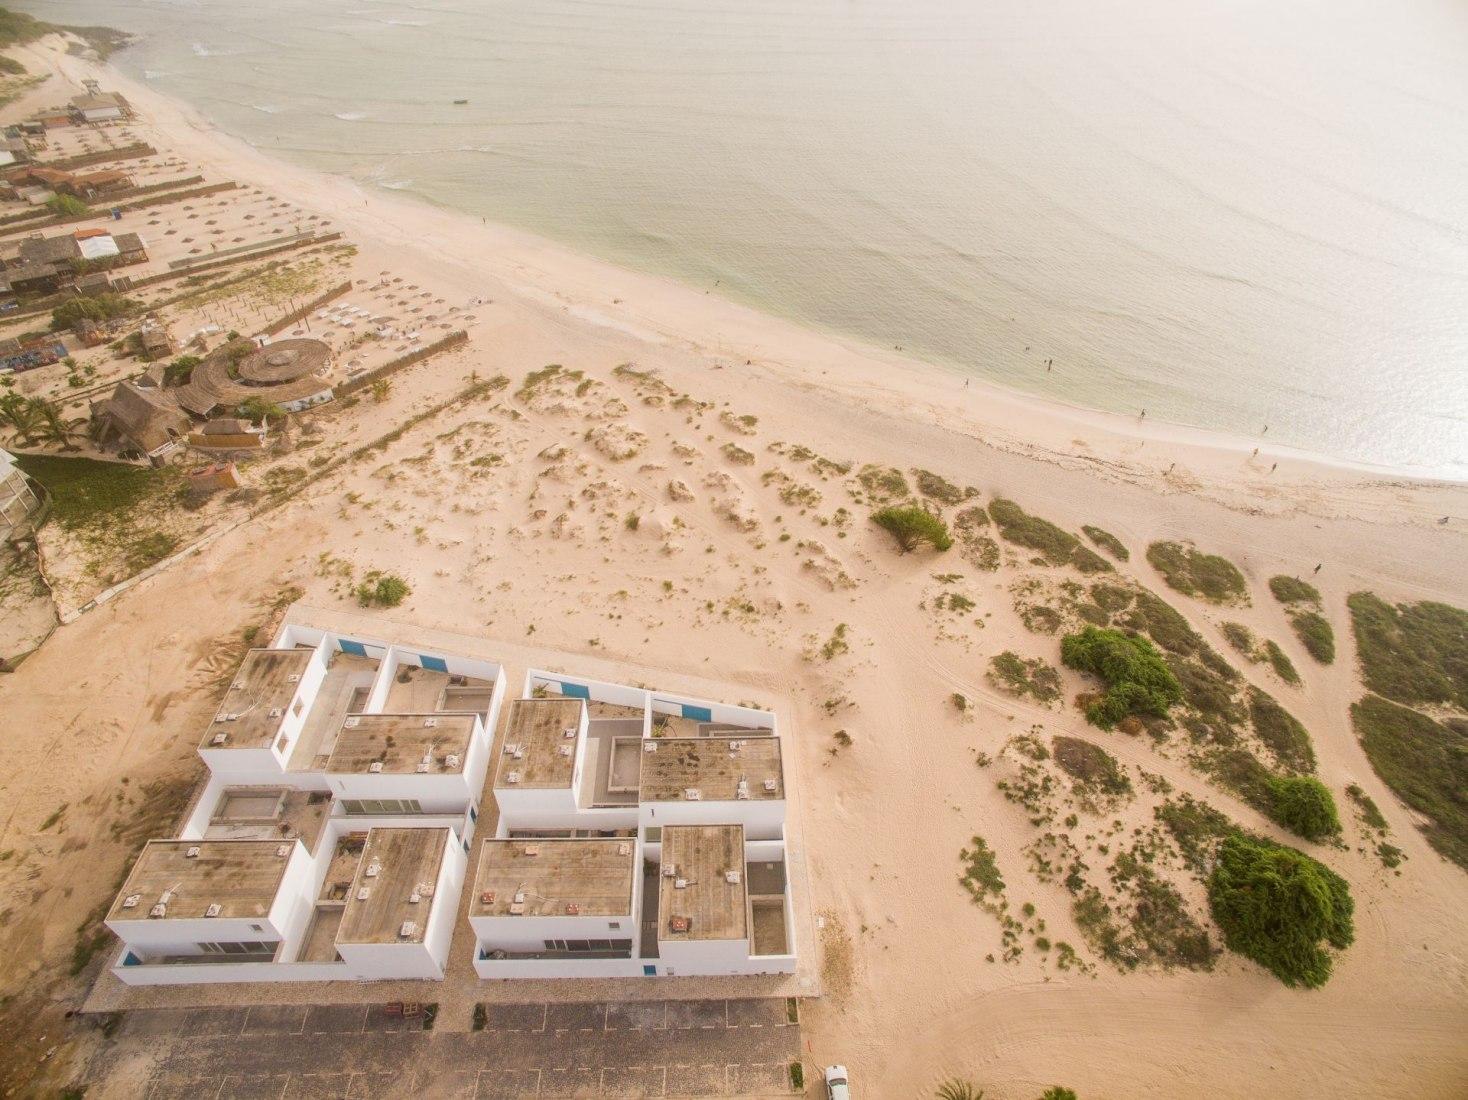 Casas en la Playa de Estoril por jaa. Fotografía © Nuno Almendra.